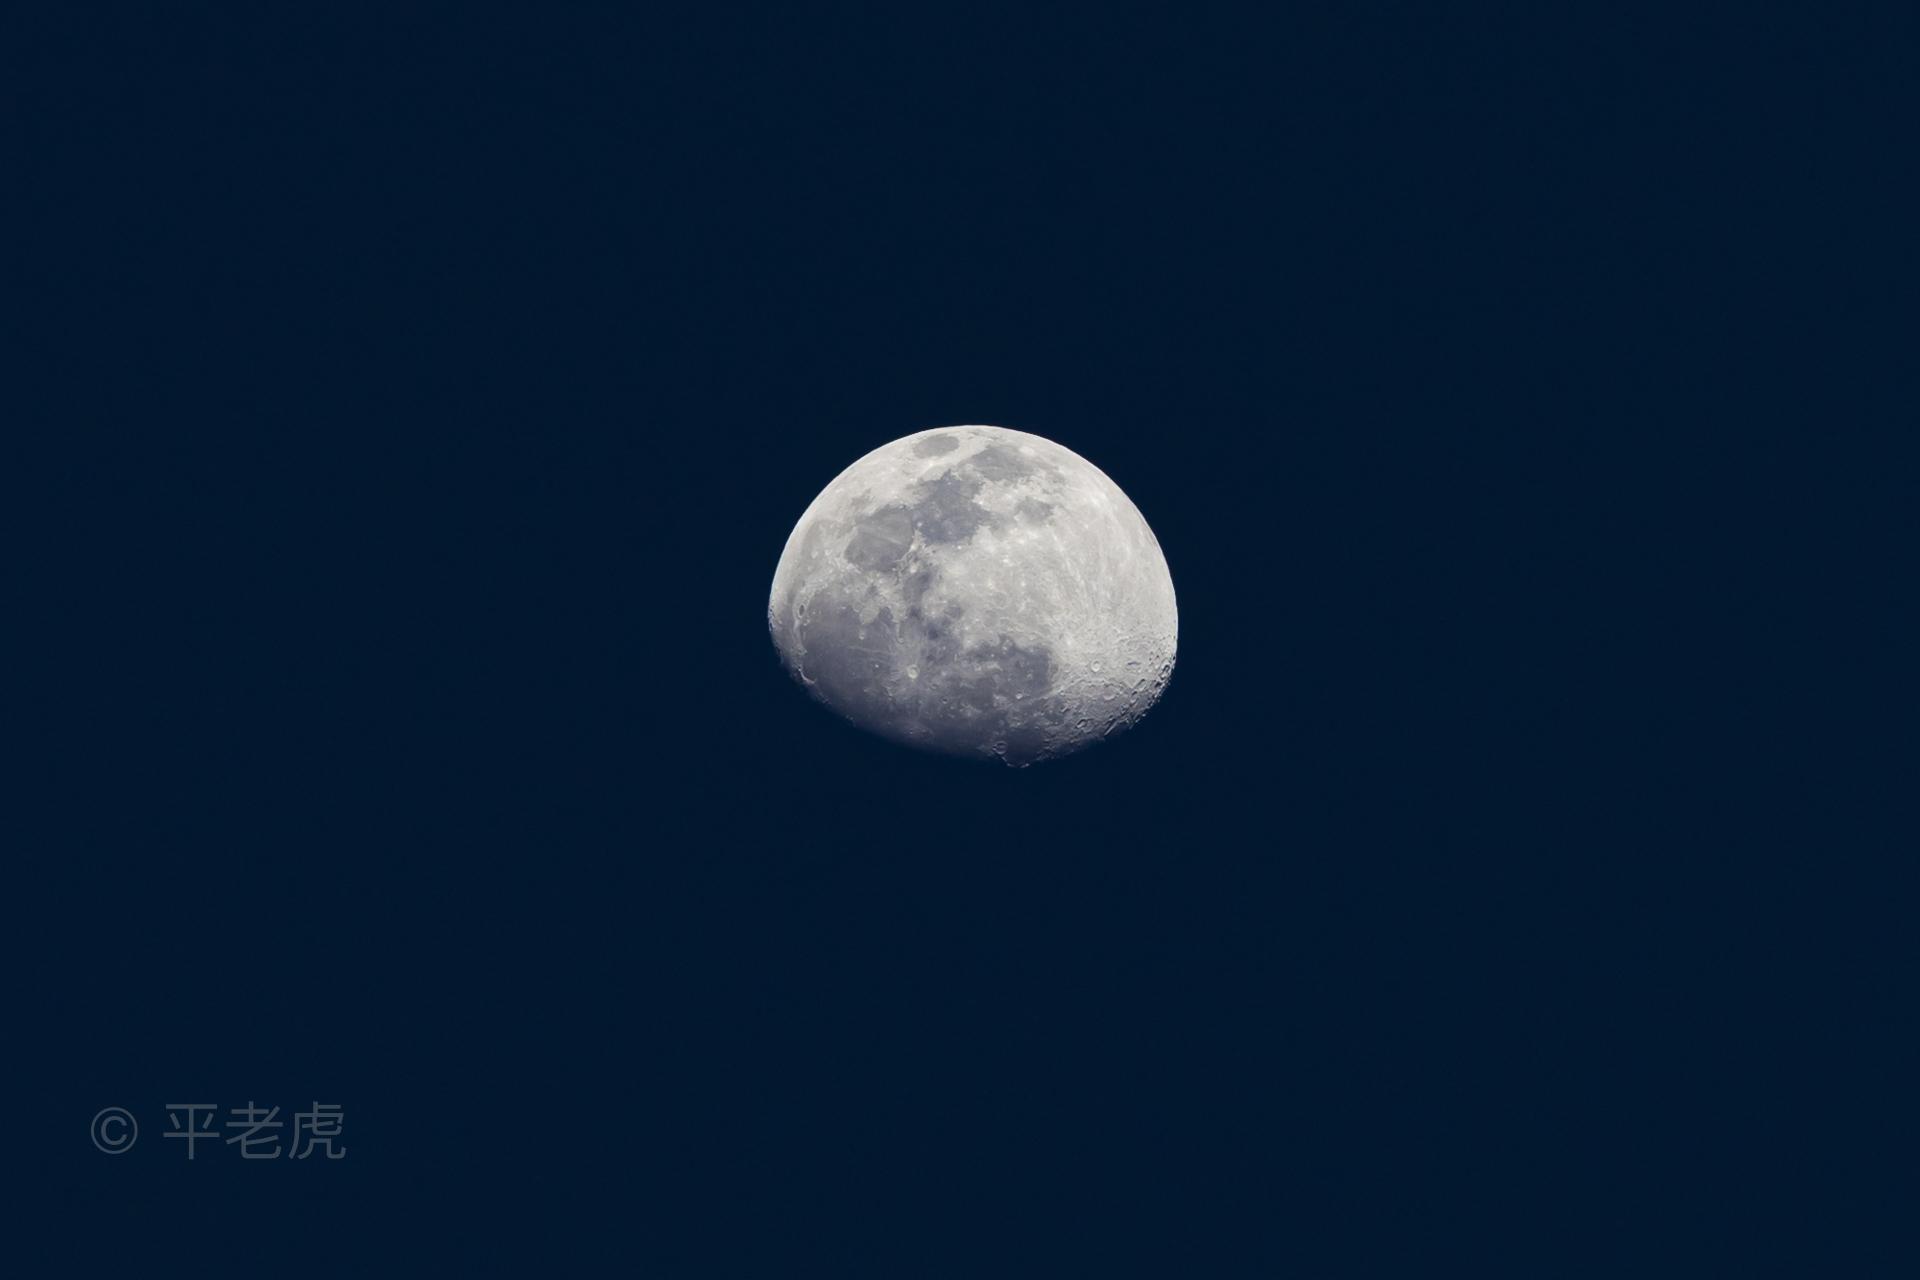 我看见了美丽月亮_4月8日的「超级月亮」,你看到了吗?-知乎